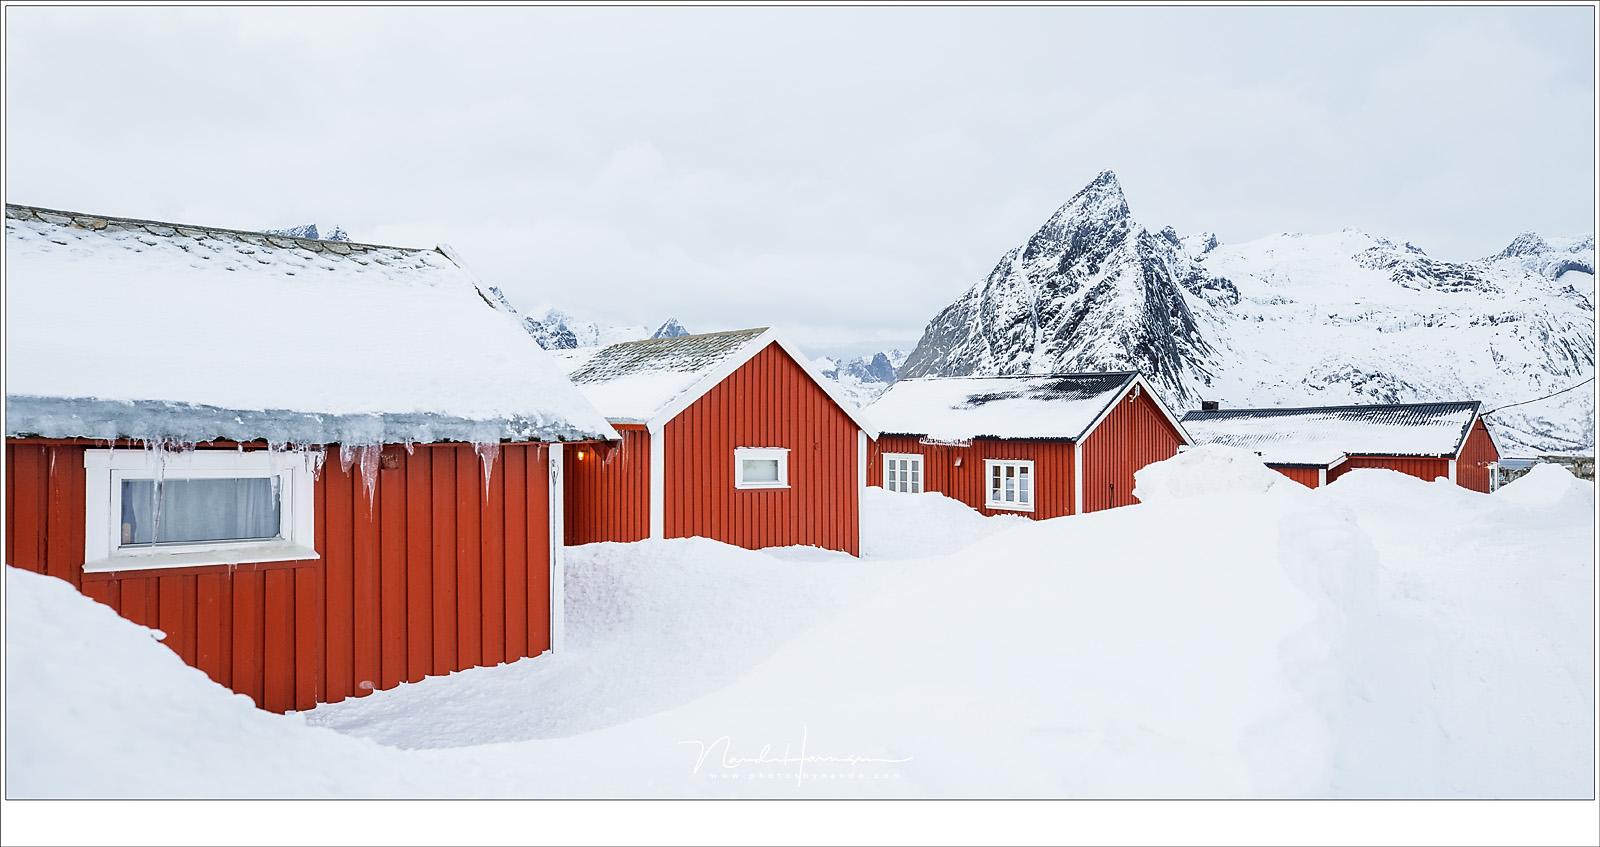 De rorbuer van Hamnøy met Olstinden op de achtergrond